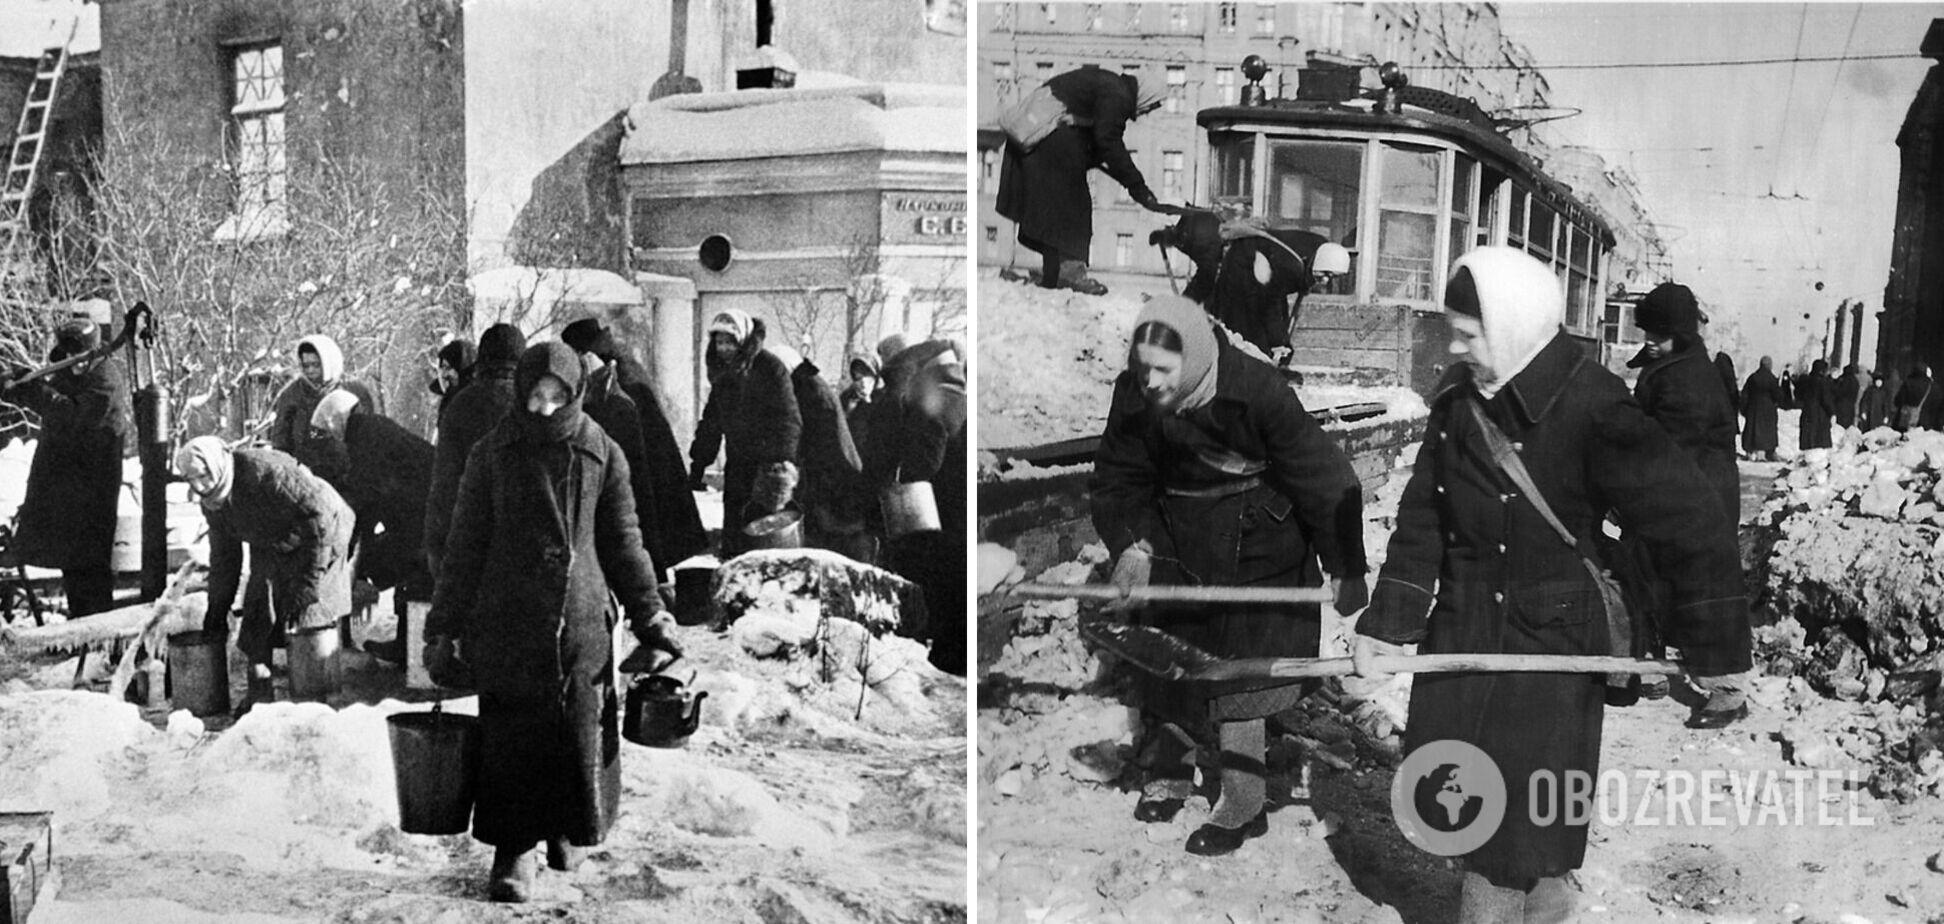 Блокади Ленінграду не було. Був голодомор